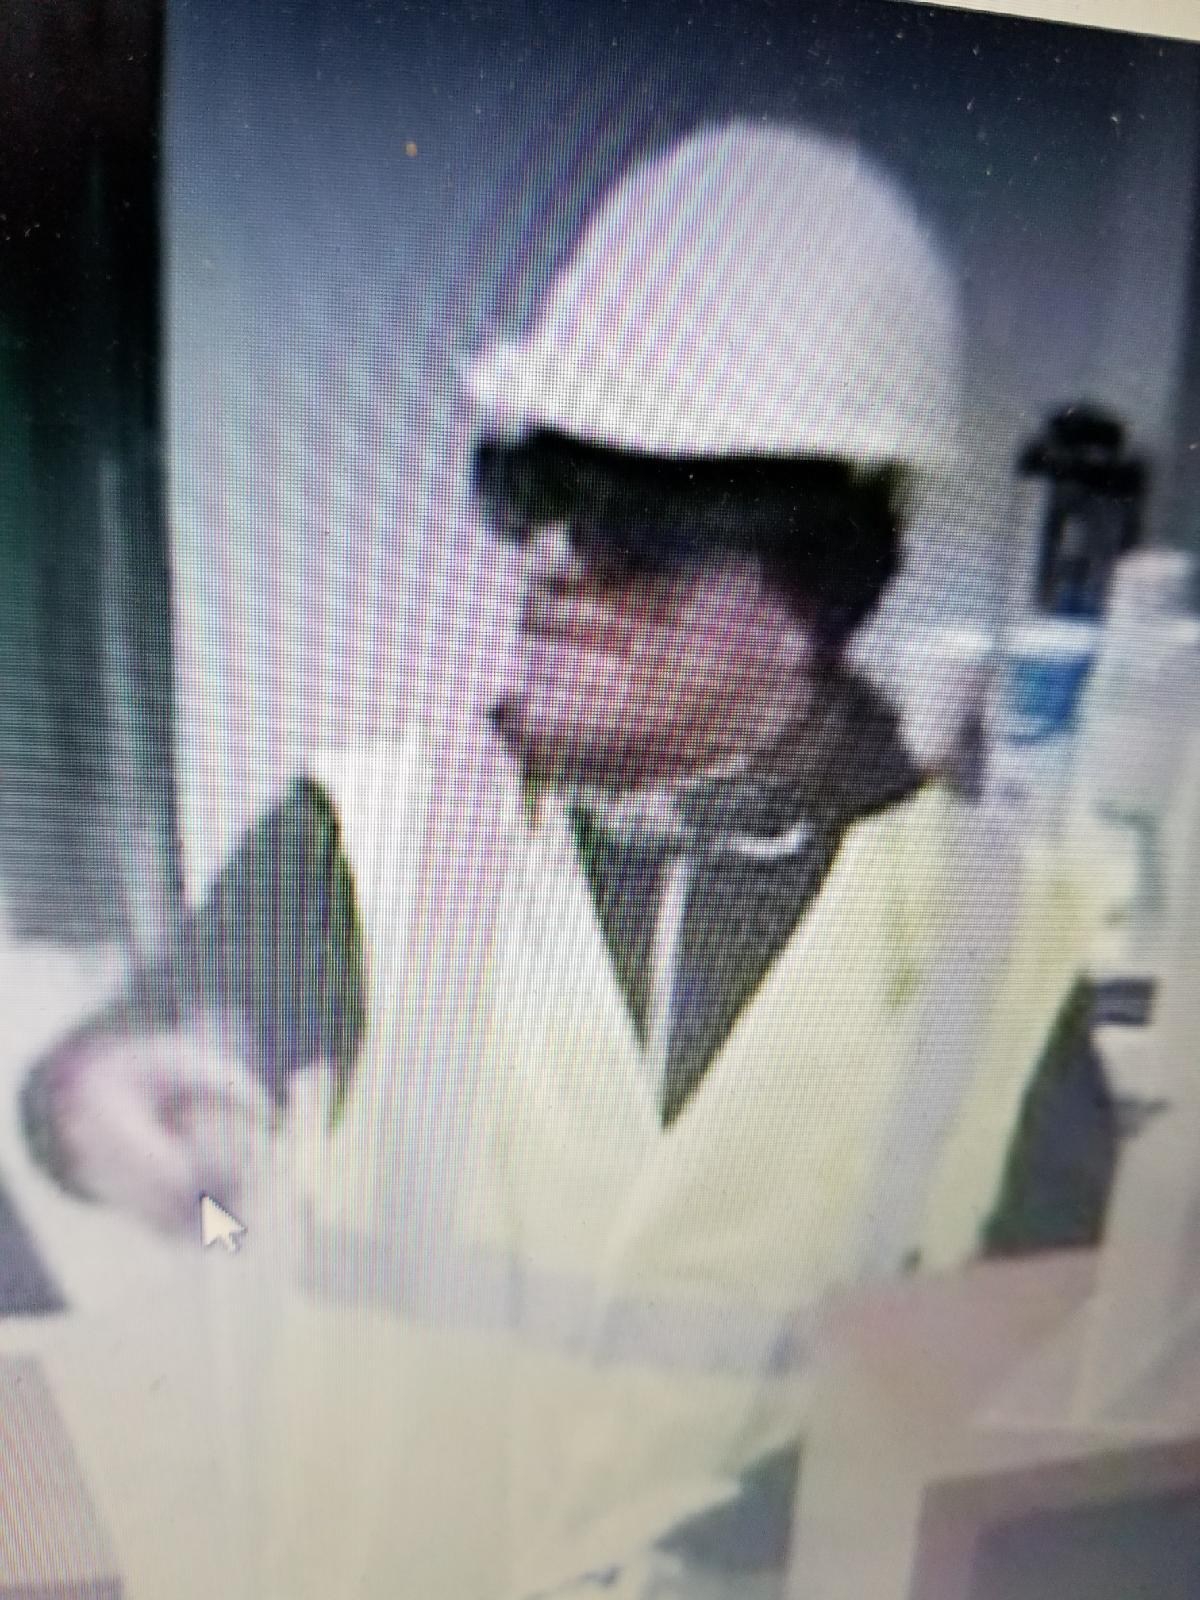 Wells fargo suspect_1510624321744.jpg